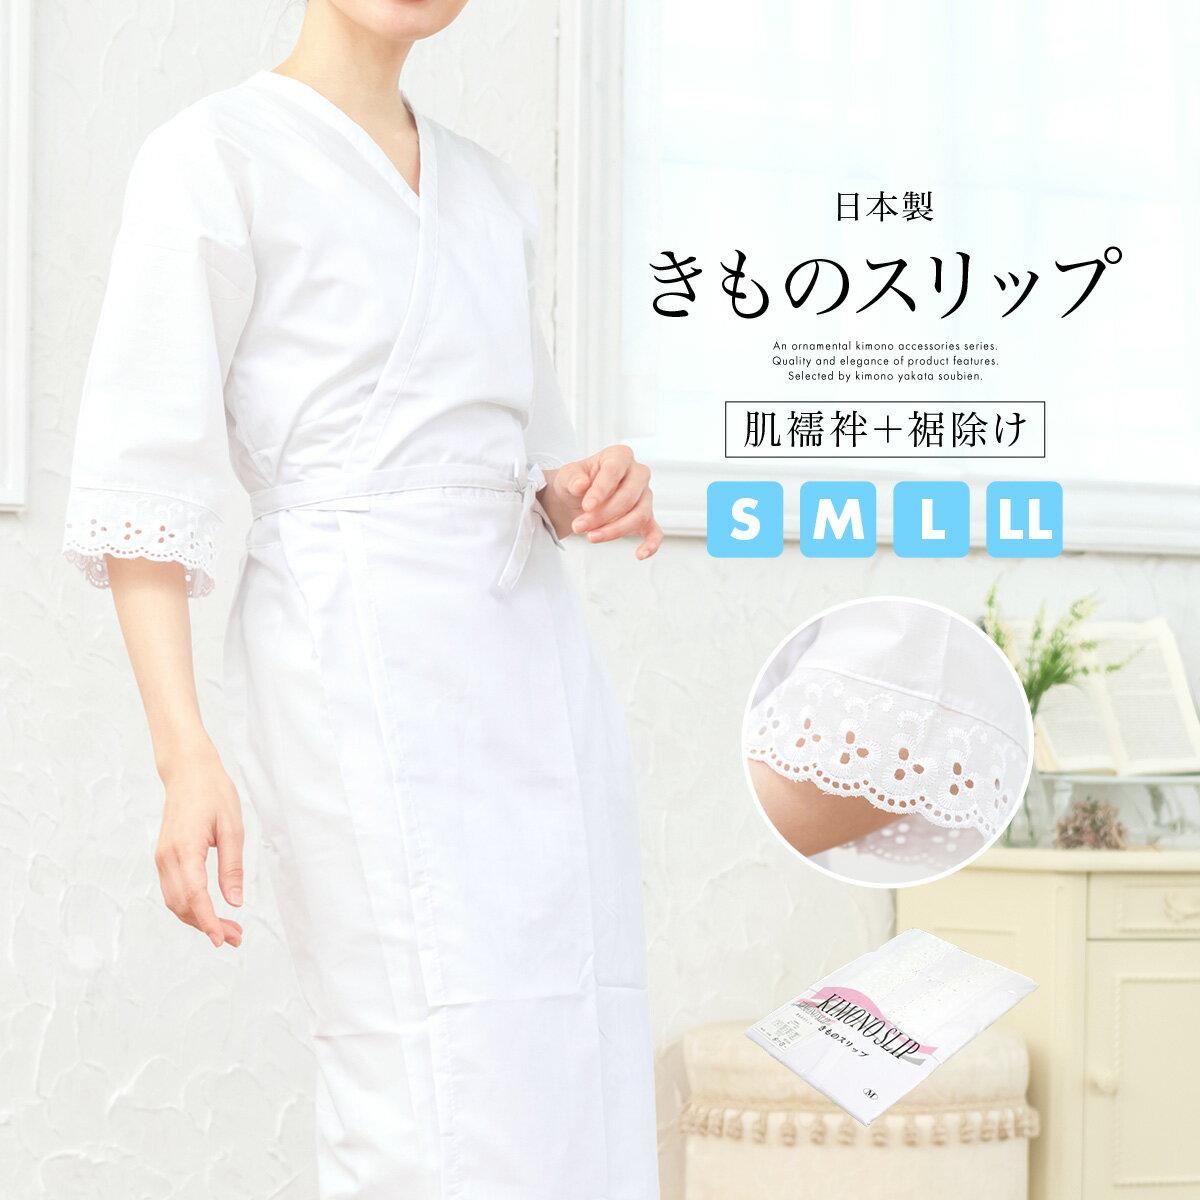 きものスリップ 白 肌着 裾除け ワンピース型 レース袖 和装下着 着付け小物 和装小物【…...:so-bien:10061547